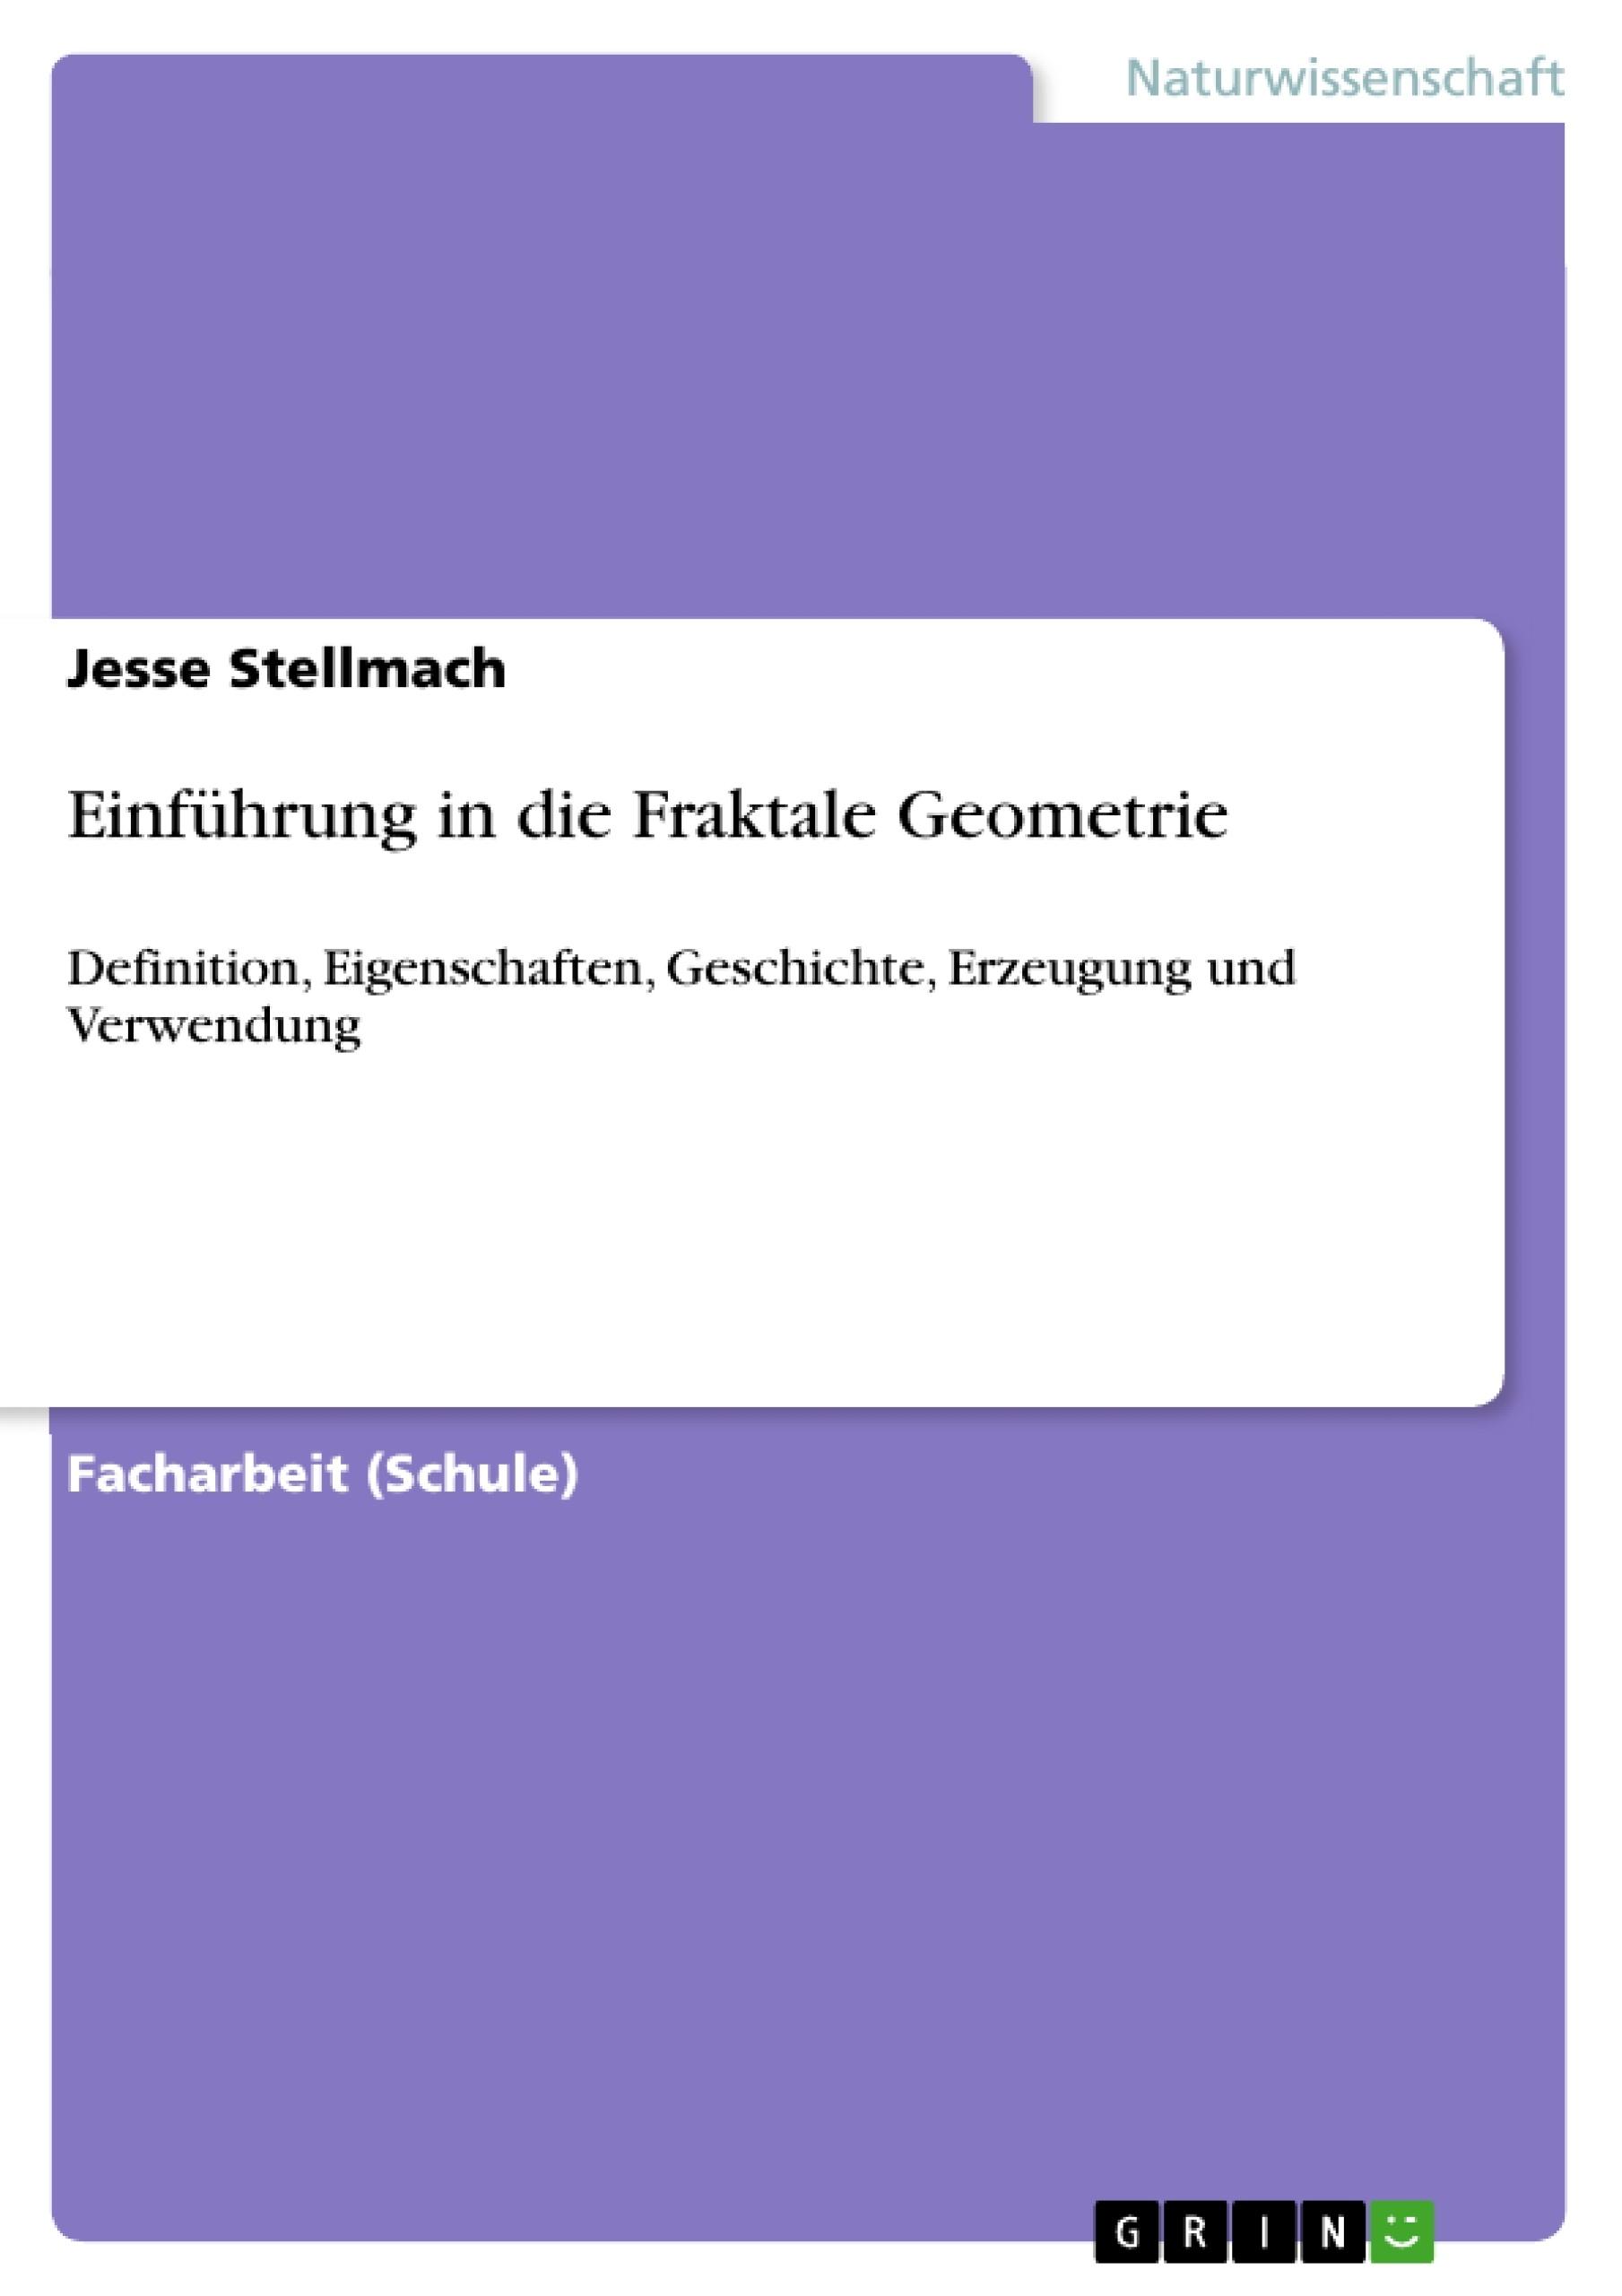 Titel: Einführung in die Fraktale Geometrie